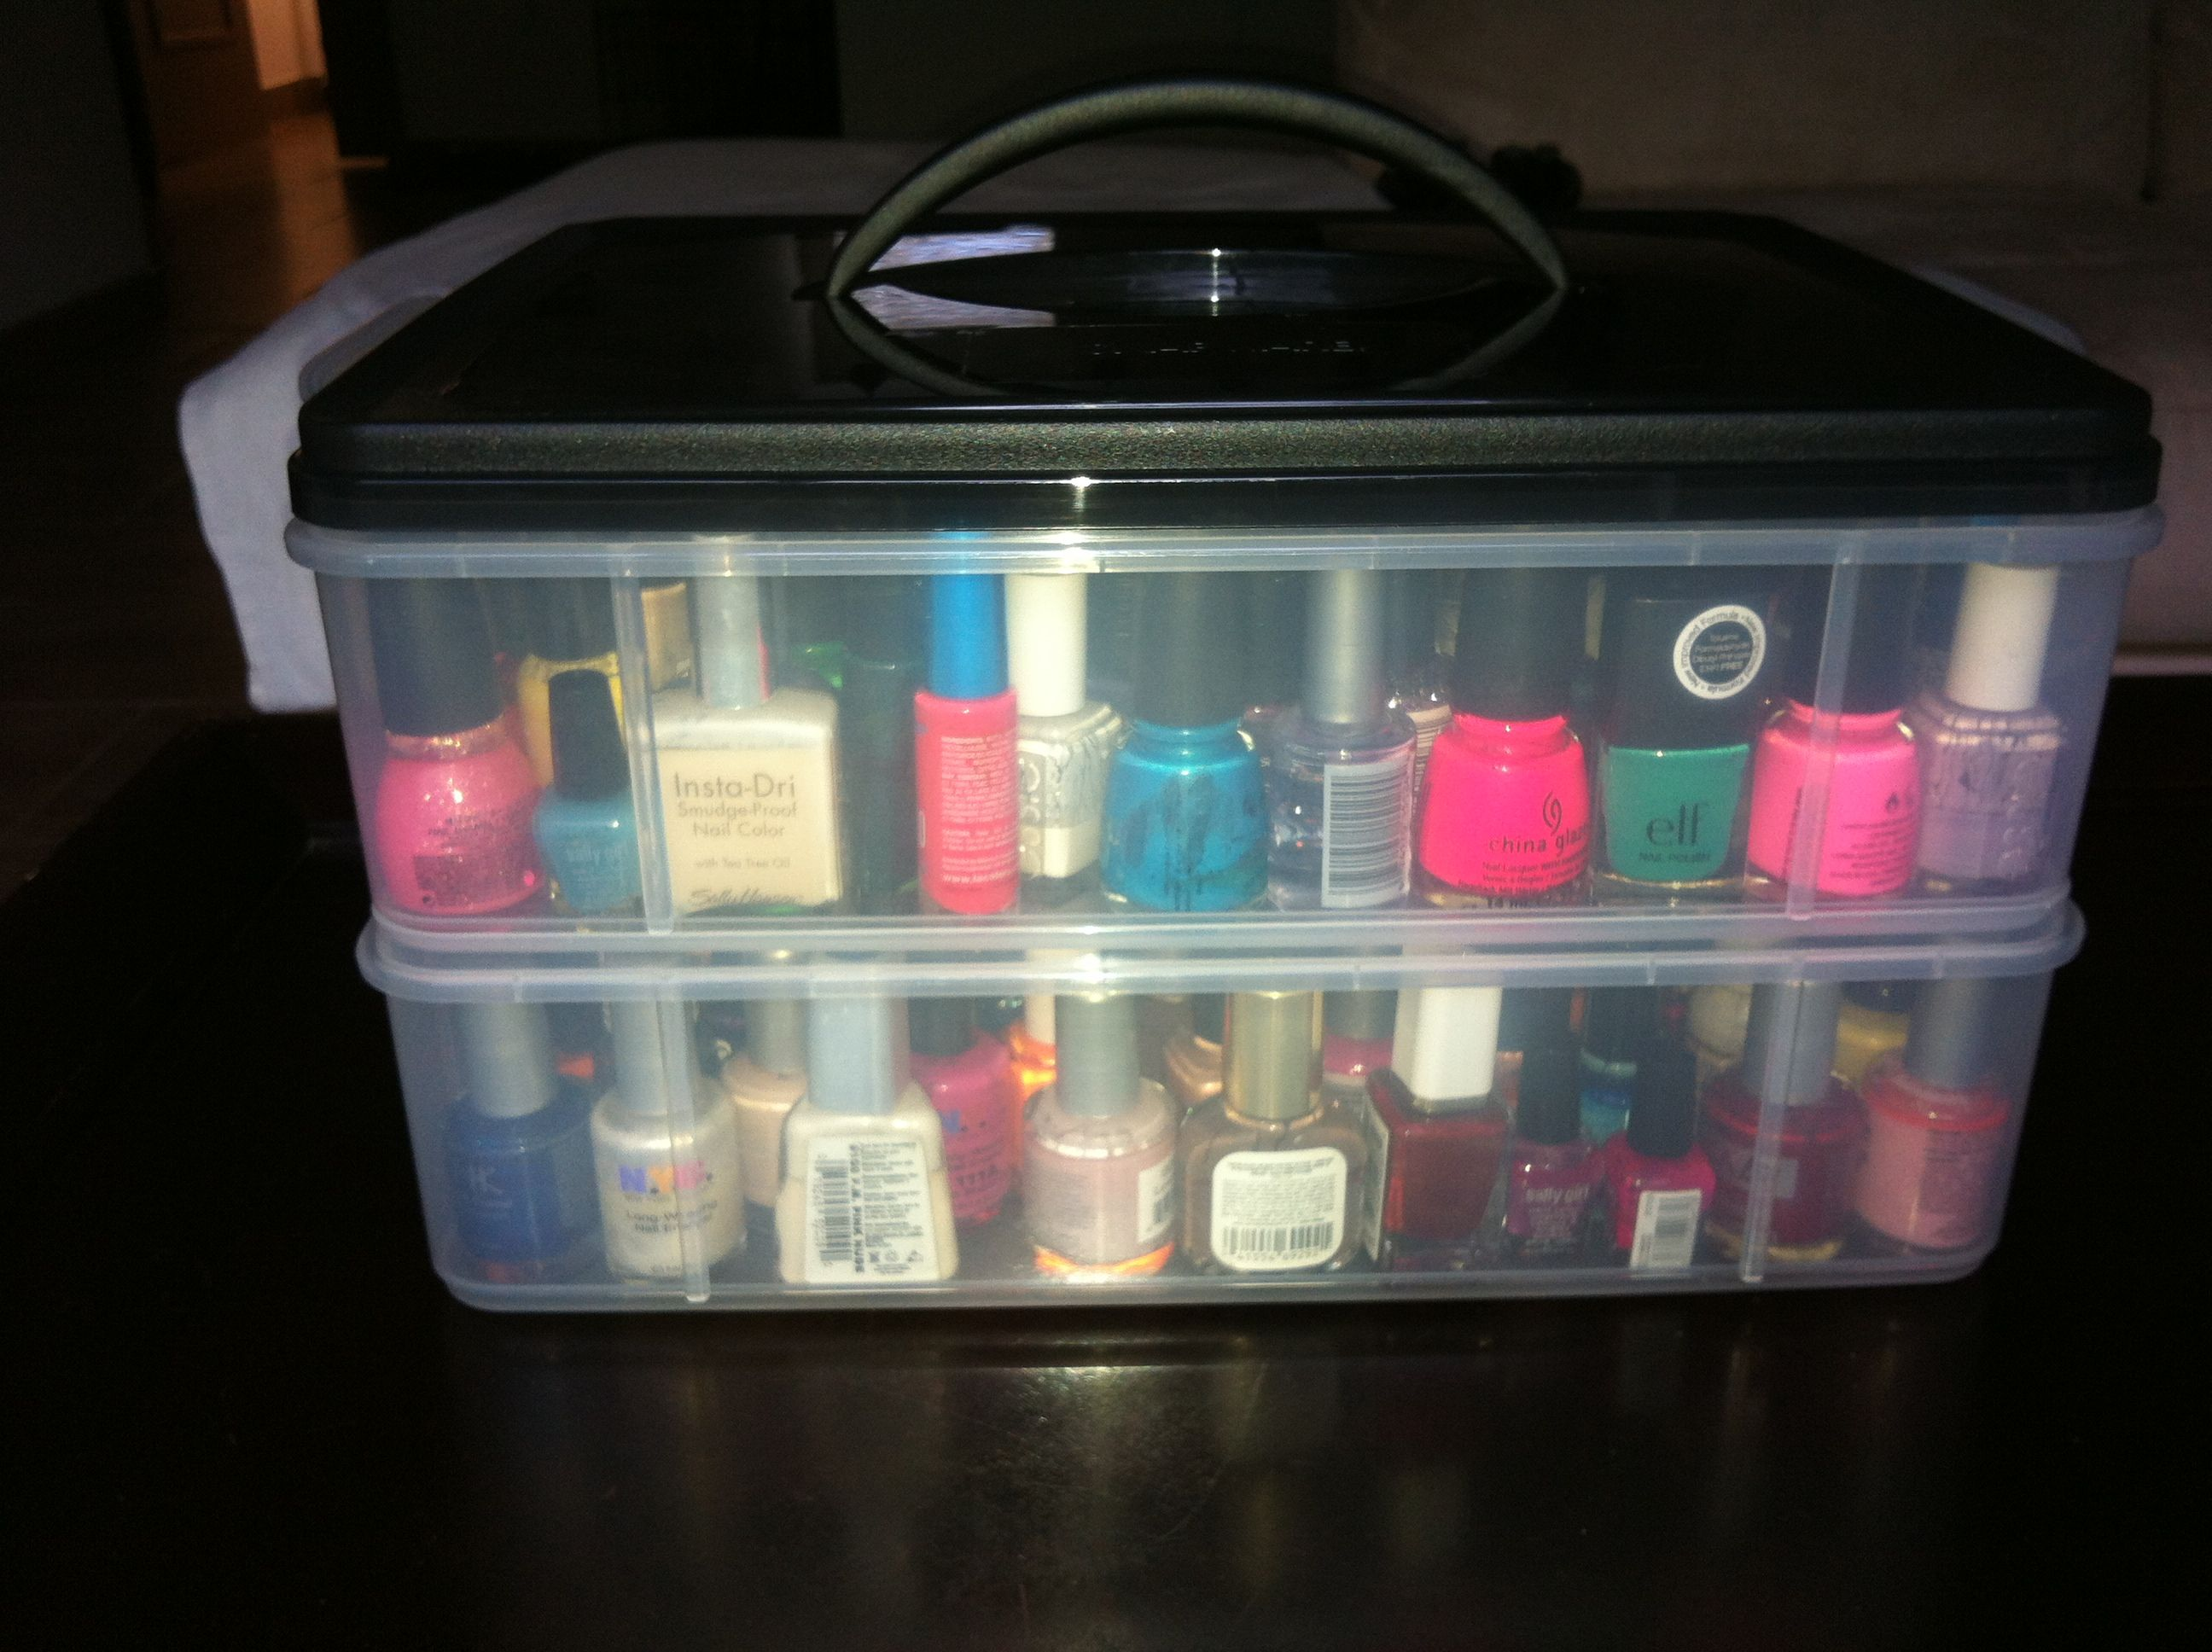 Snapware Stackable Box Used For Organizing Nail Polish... $13.99 At Target